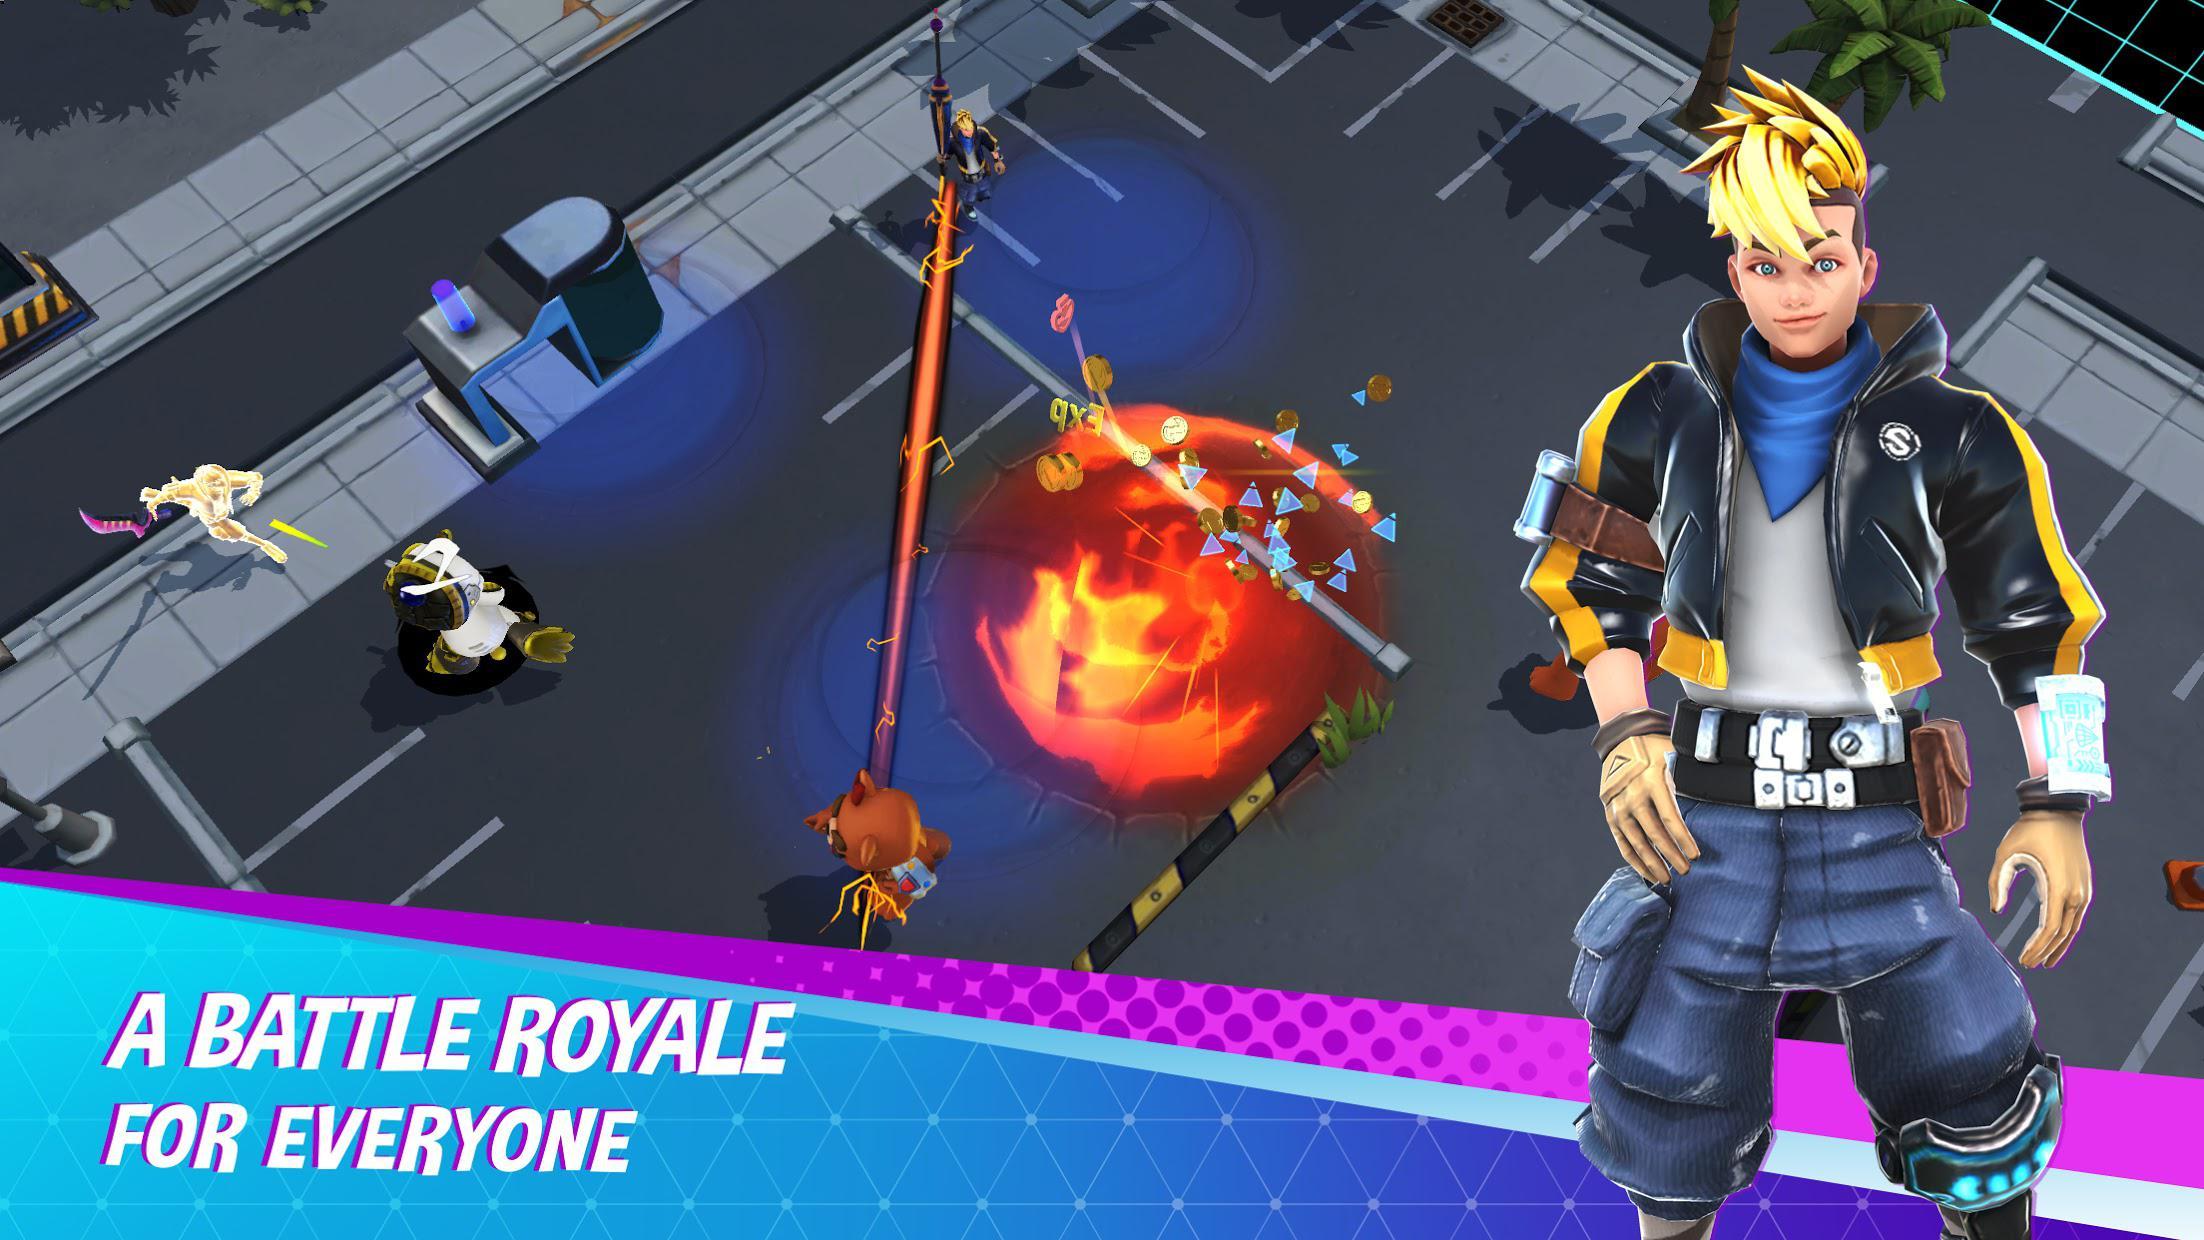 Battlepalooza 游戏截图1